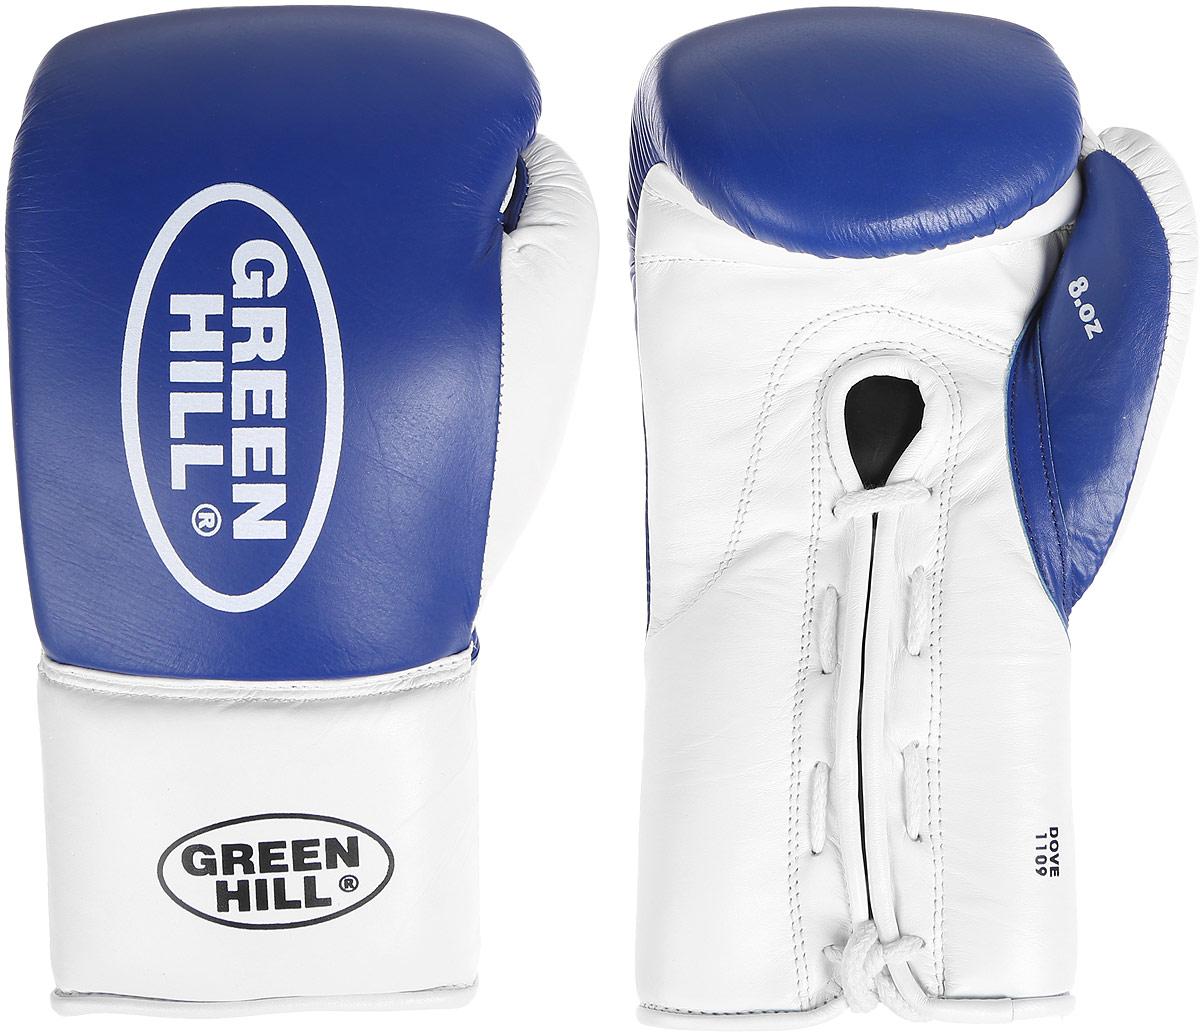 Перчатки боксерские Green Hill Dove, цвет: синий, белый. Вес 10 унций. BGD-2050AIRWHEEL Q3-340WH-BLACKБоксерские перчатки Green Hill Dove предназначены для использования профессионалами. Оснащены антинакаутной системой. Верх выполнен из натуральной кожи, наполнитель - из вспененного полимера. Отверстие в области ладони позволяет создать максимально комфортный терморежим во время занятий. Манжет на шнуровке способствует быстрому и удобному надеванию перчаток, плотно фиксирует перчатки на руке.